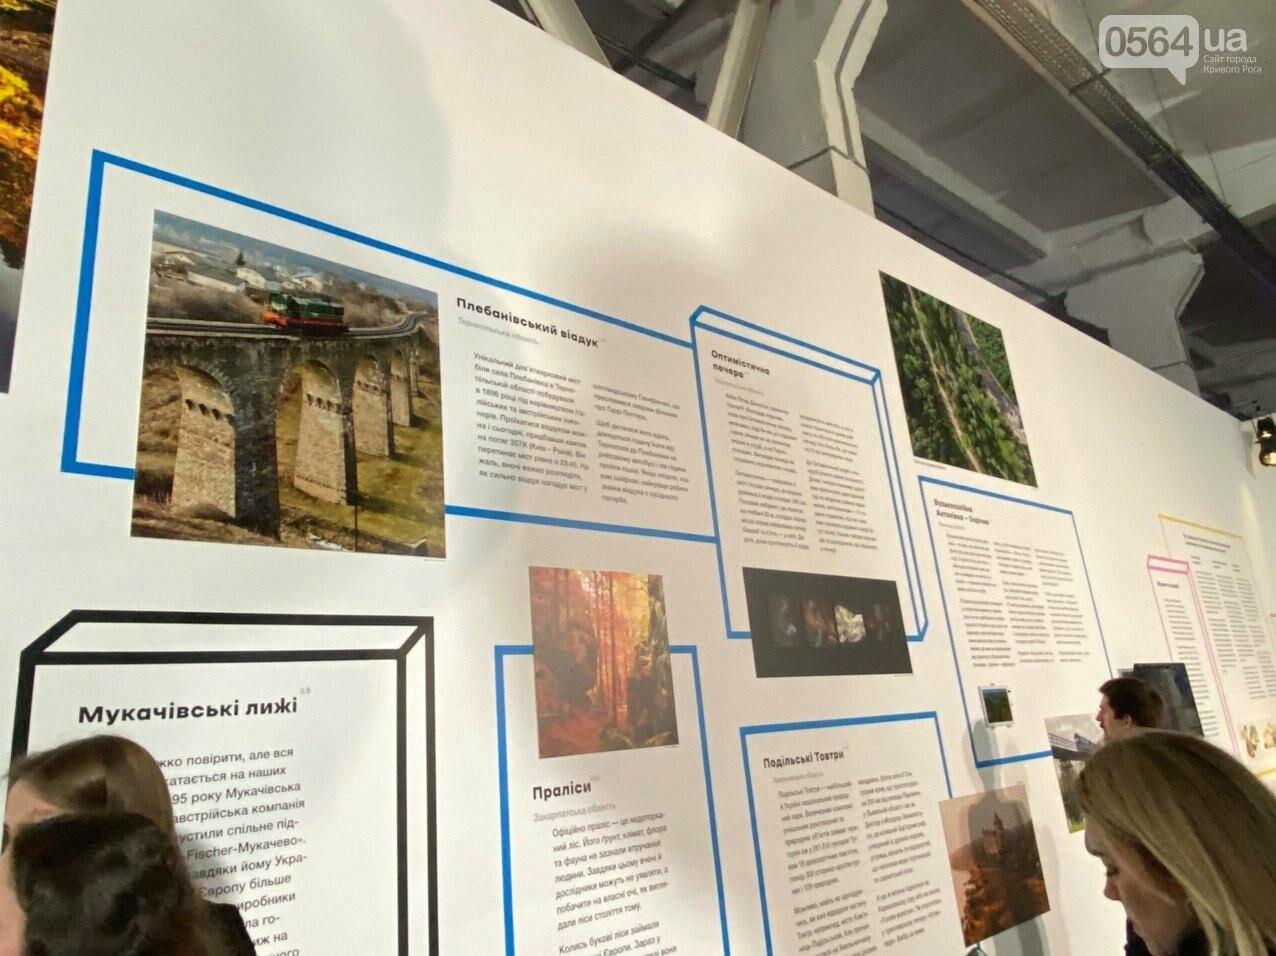 Ukraine WOW: что можно было узнать о Кривом Роге на интерактивной выставке, - ФОТО , фото-19